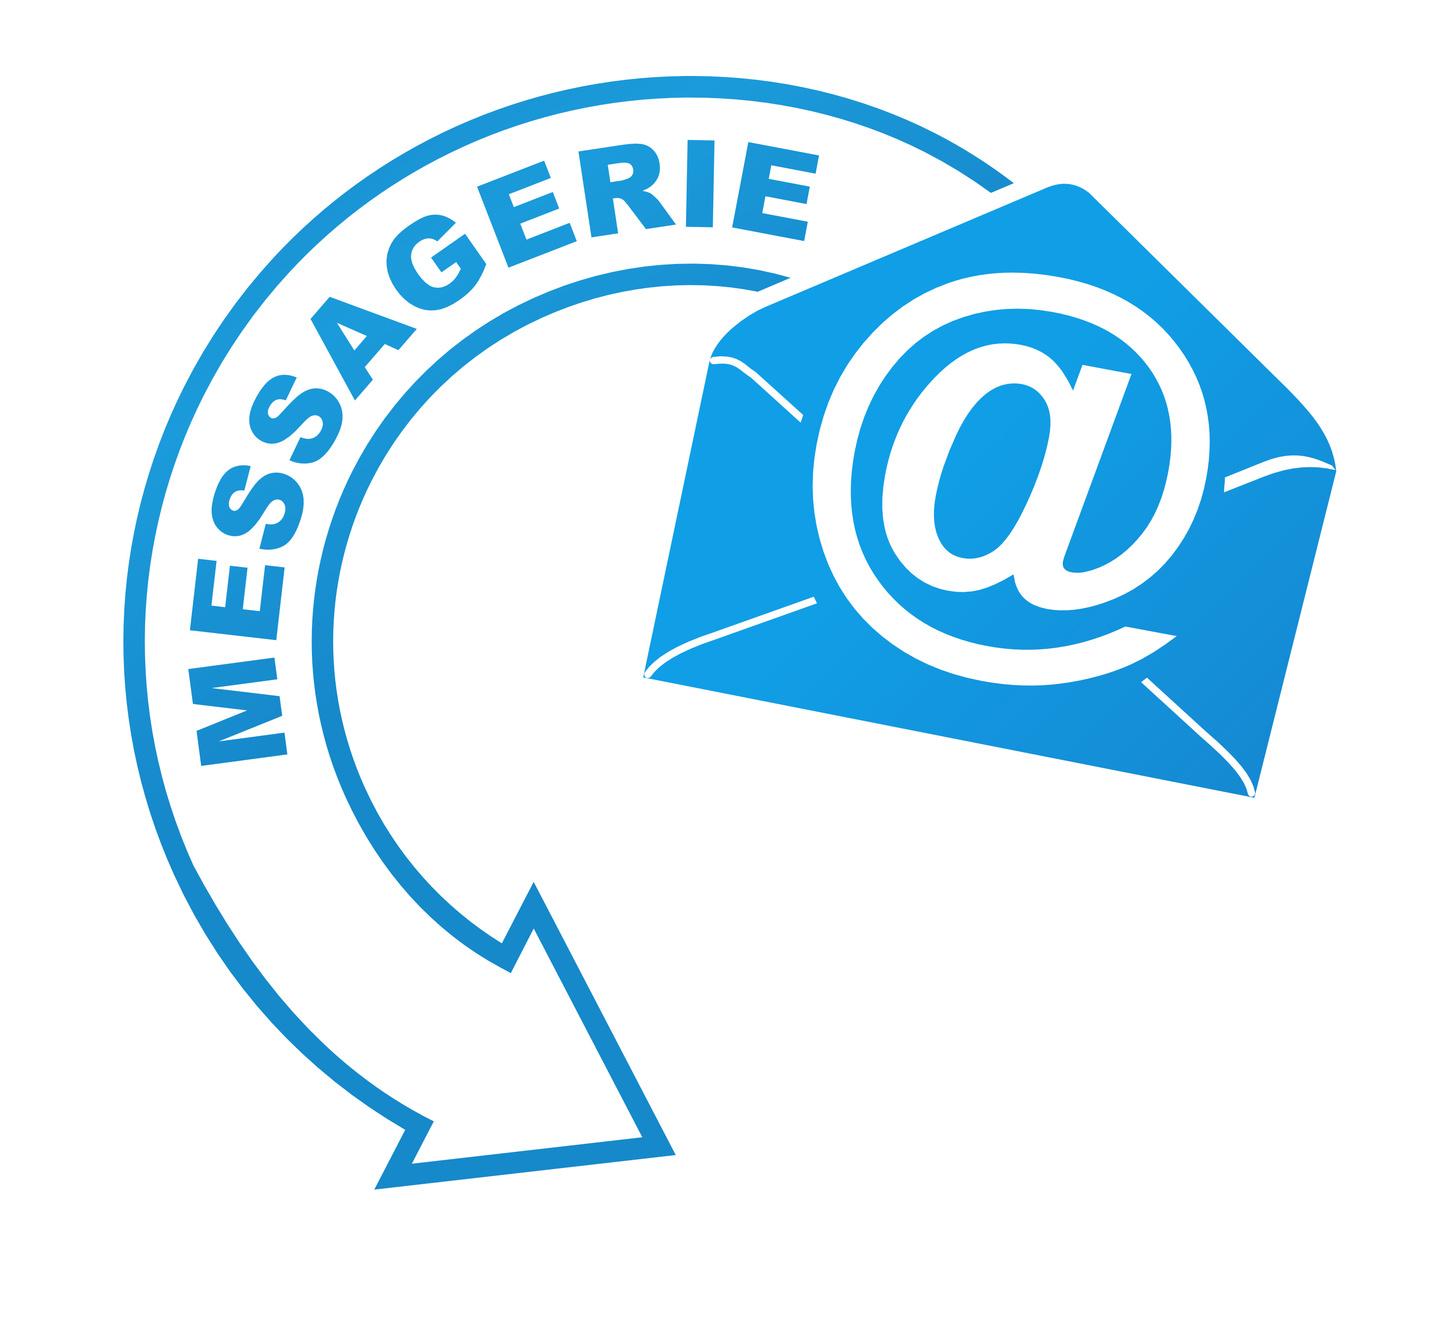 messagerie sur symbole valid bleu